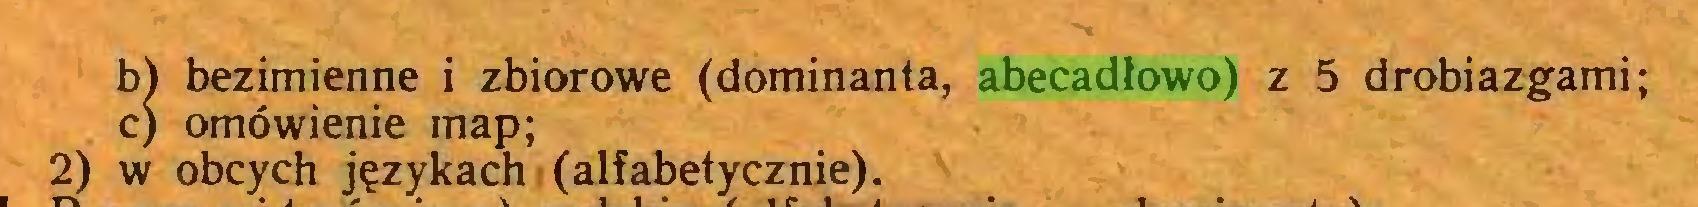 (...) bł bezimienne i zbiorowe (dominanta, abecadłowo) z 5 drobiazgami; c) omówienie map; 2) w obcych językach (alfabetycznie)...